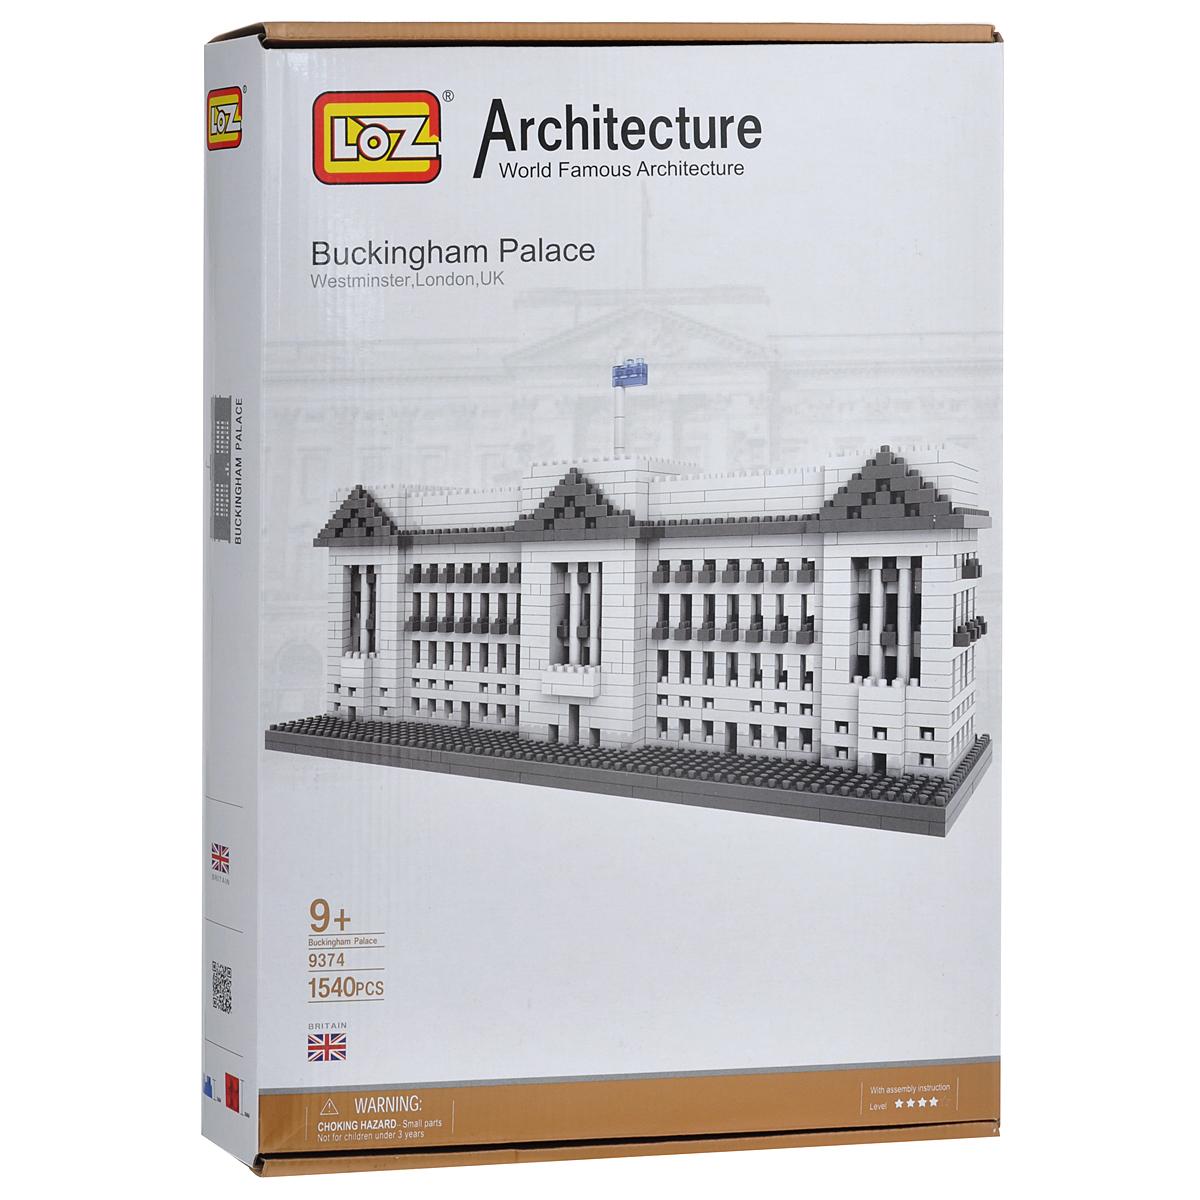 Loztoys Конструктор Букингемский дворец9374Конструктор-макет Букингемский дворец - прекрасный способ провести время увлекательно и с пользой. Комплект включает в себя 1540 элементов, из которых вы и ваш ребенок сможете собрать модель дворца, который находится в Лондоне, Великобритания. Для сборки модели клей и ножницы не понадобятся. Элементы оснащены пазами для легкого соединения. В комплект входит схематичная инструкция по сборке. Букингемский дворец - официальная лондонская резиденция британских монархов (в настоящее время - королевы Елизаветы II). Расположен напротив улицы Пэлл-Мэлл и Грин-парка с беломраморным и позолоченным памятником королеве Виктории. Когда монарх находится во дворце, над крышей дворца развевается королевский штандарт.